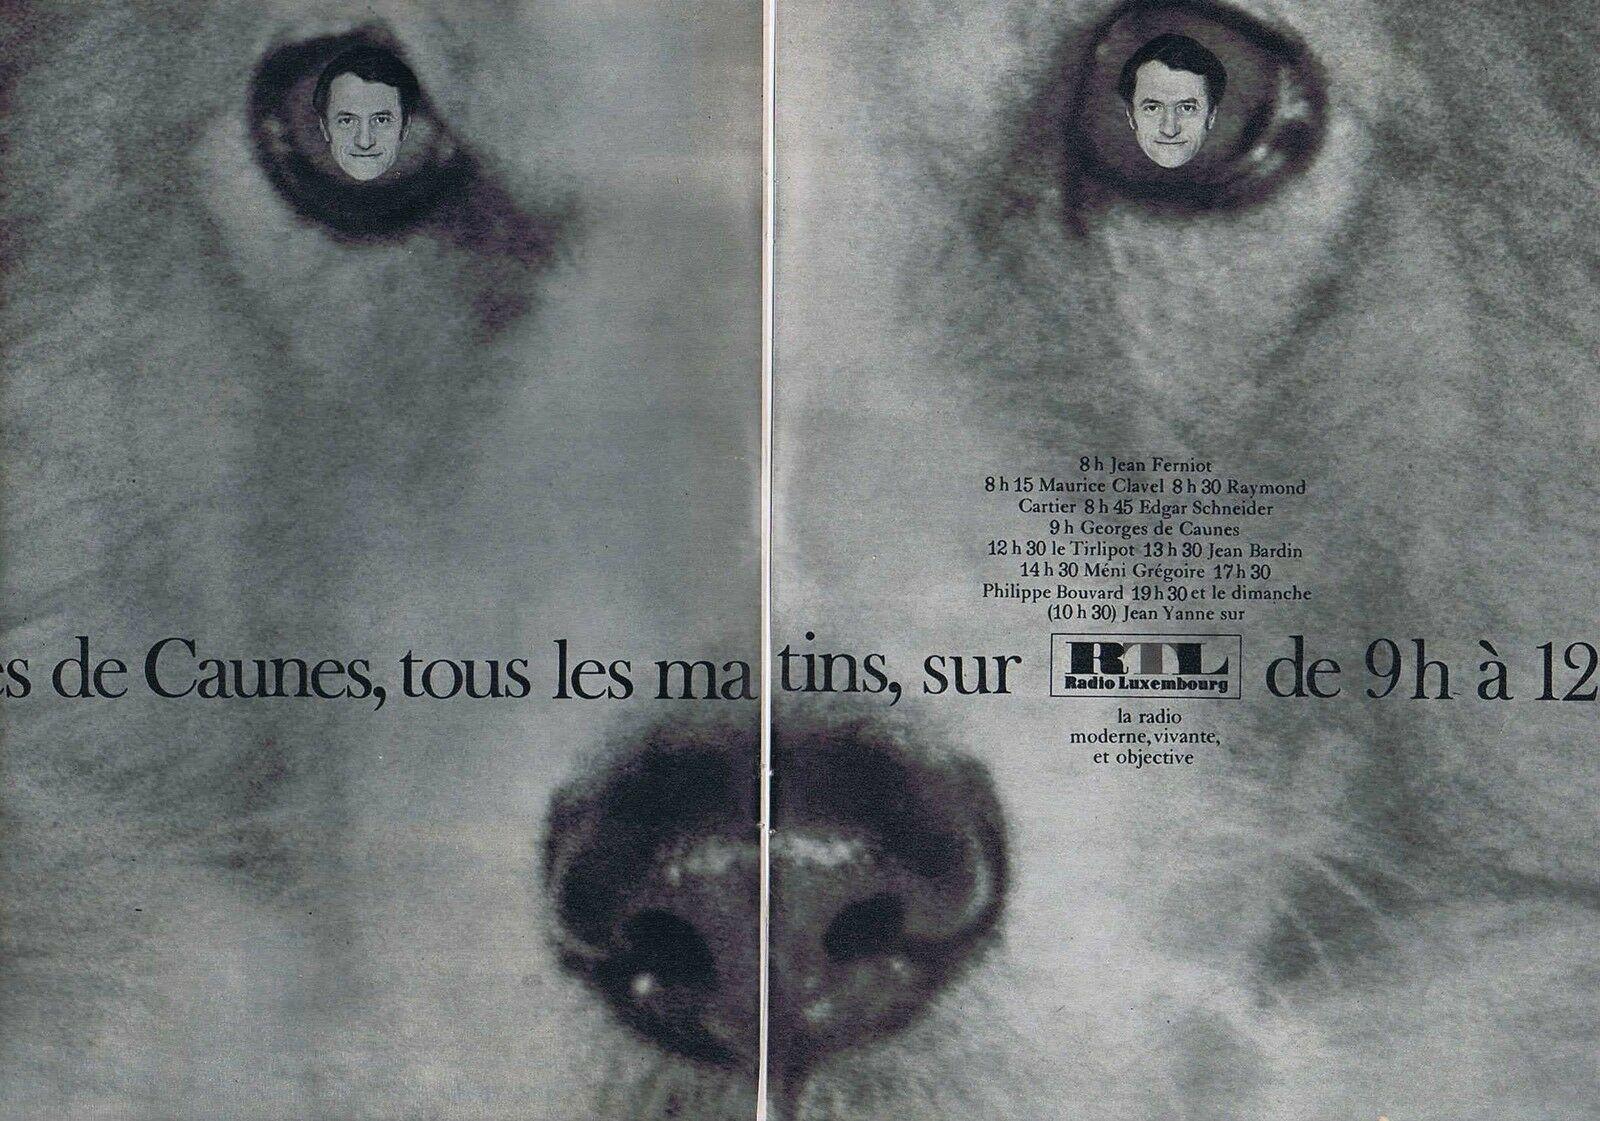 1968 RTL radio Georges de Caunes